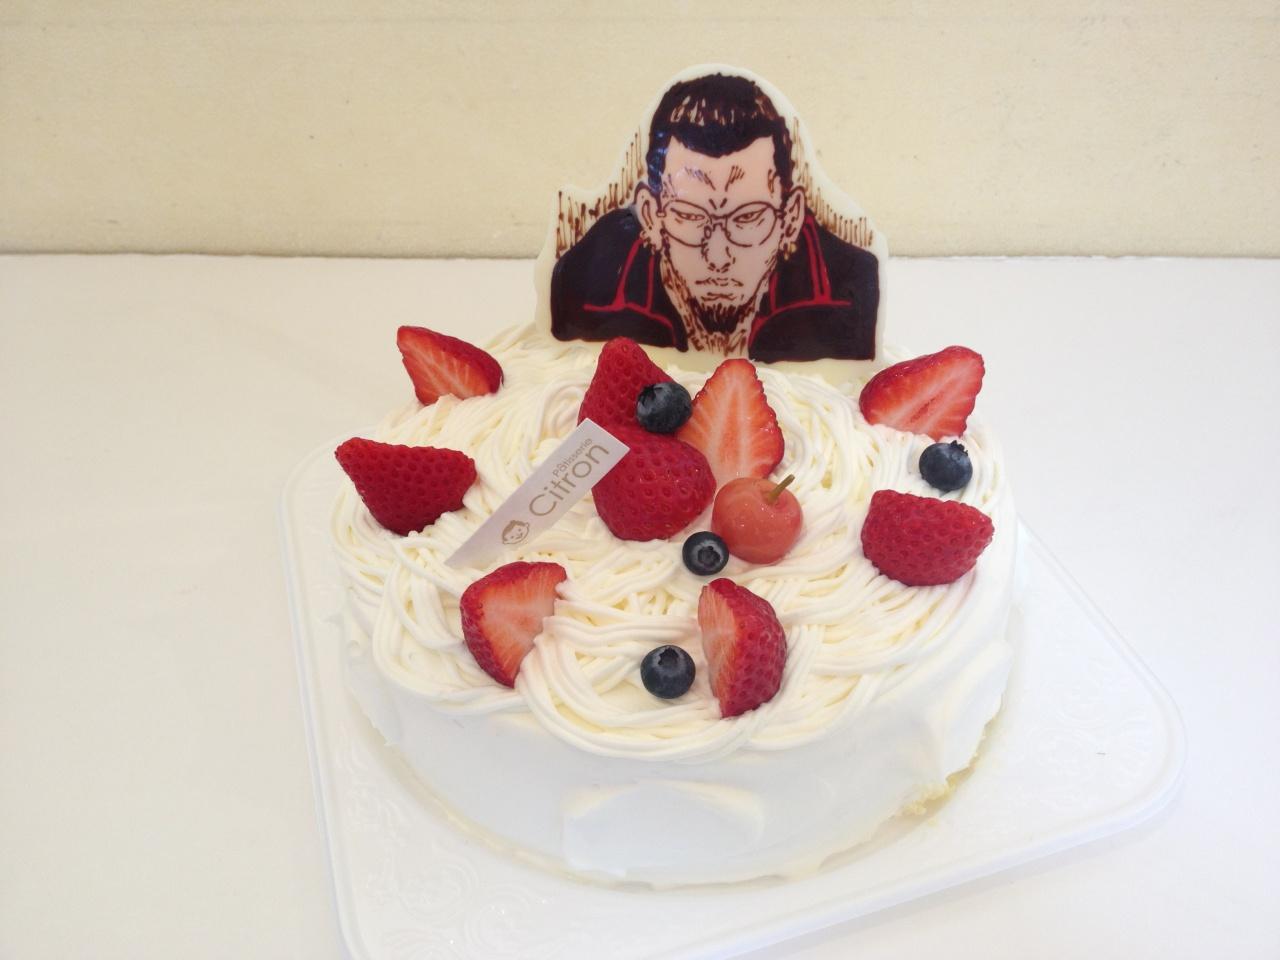 岡山市のケーキ屋さん「パティスリーシトロン」